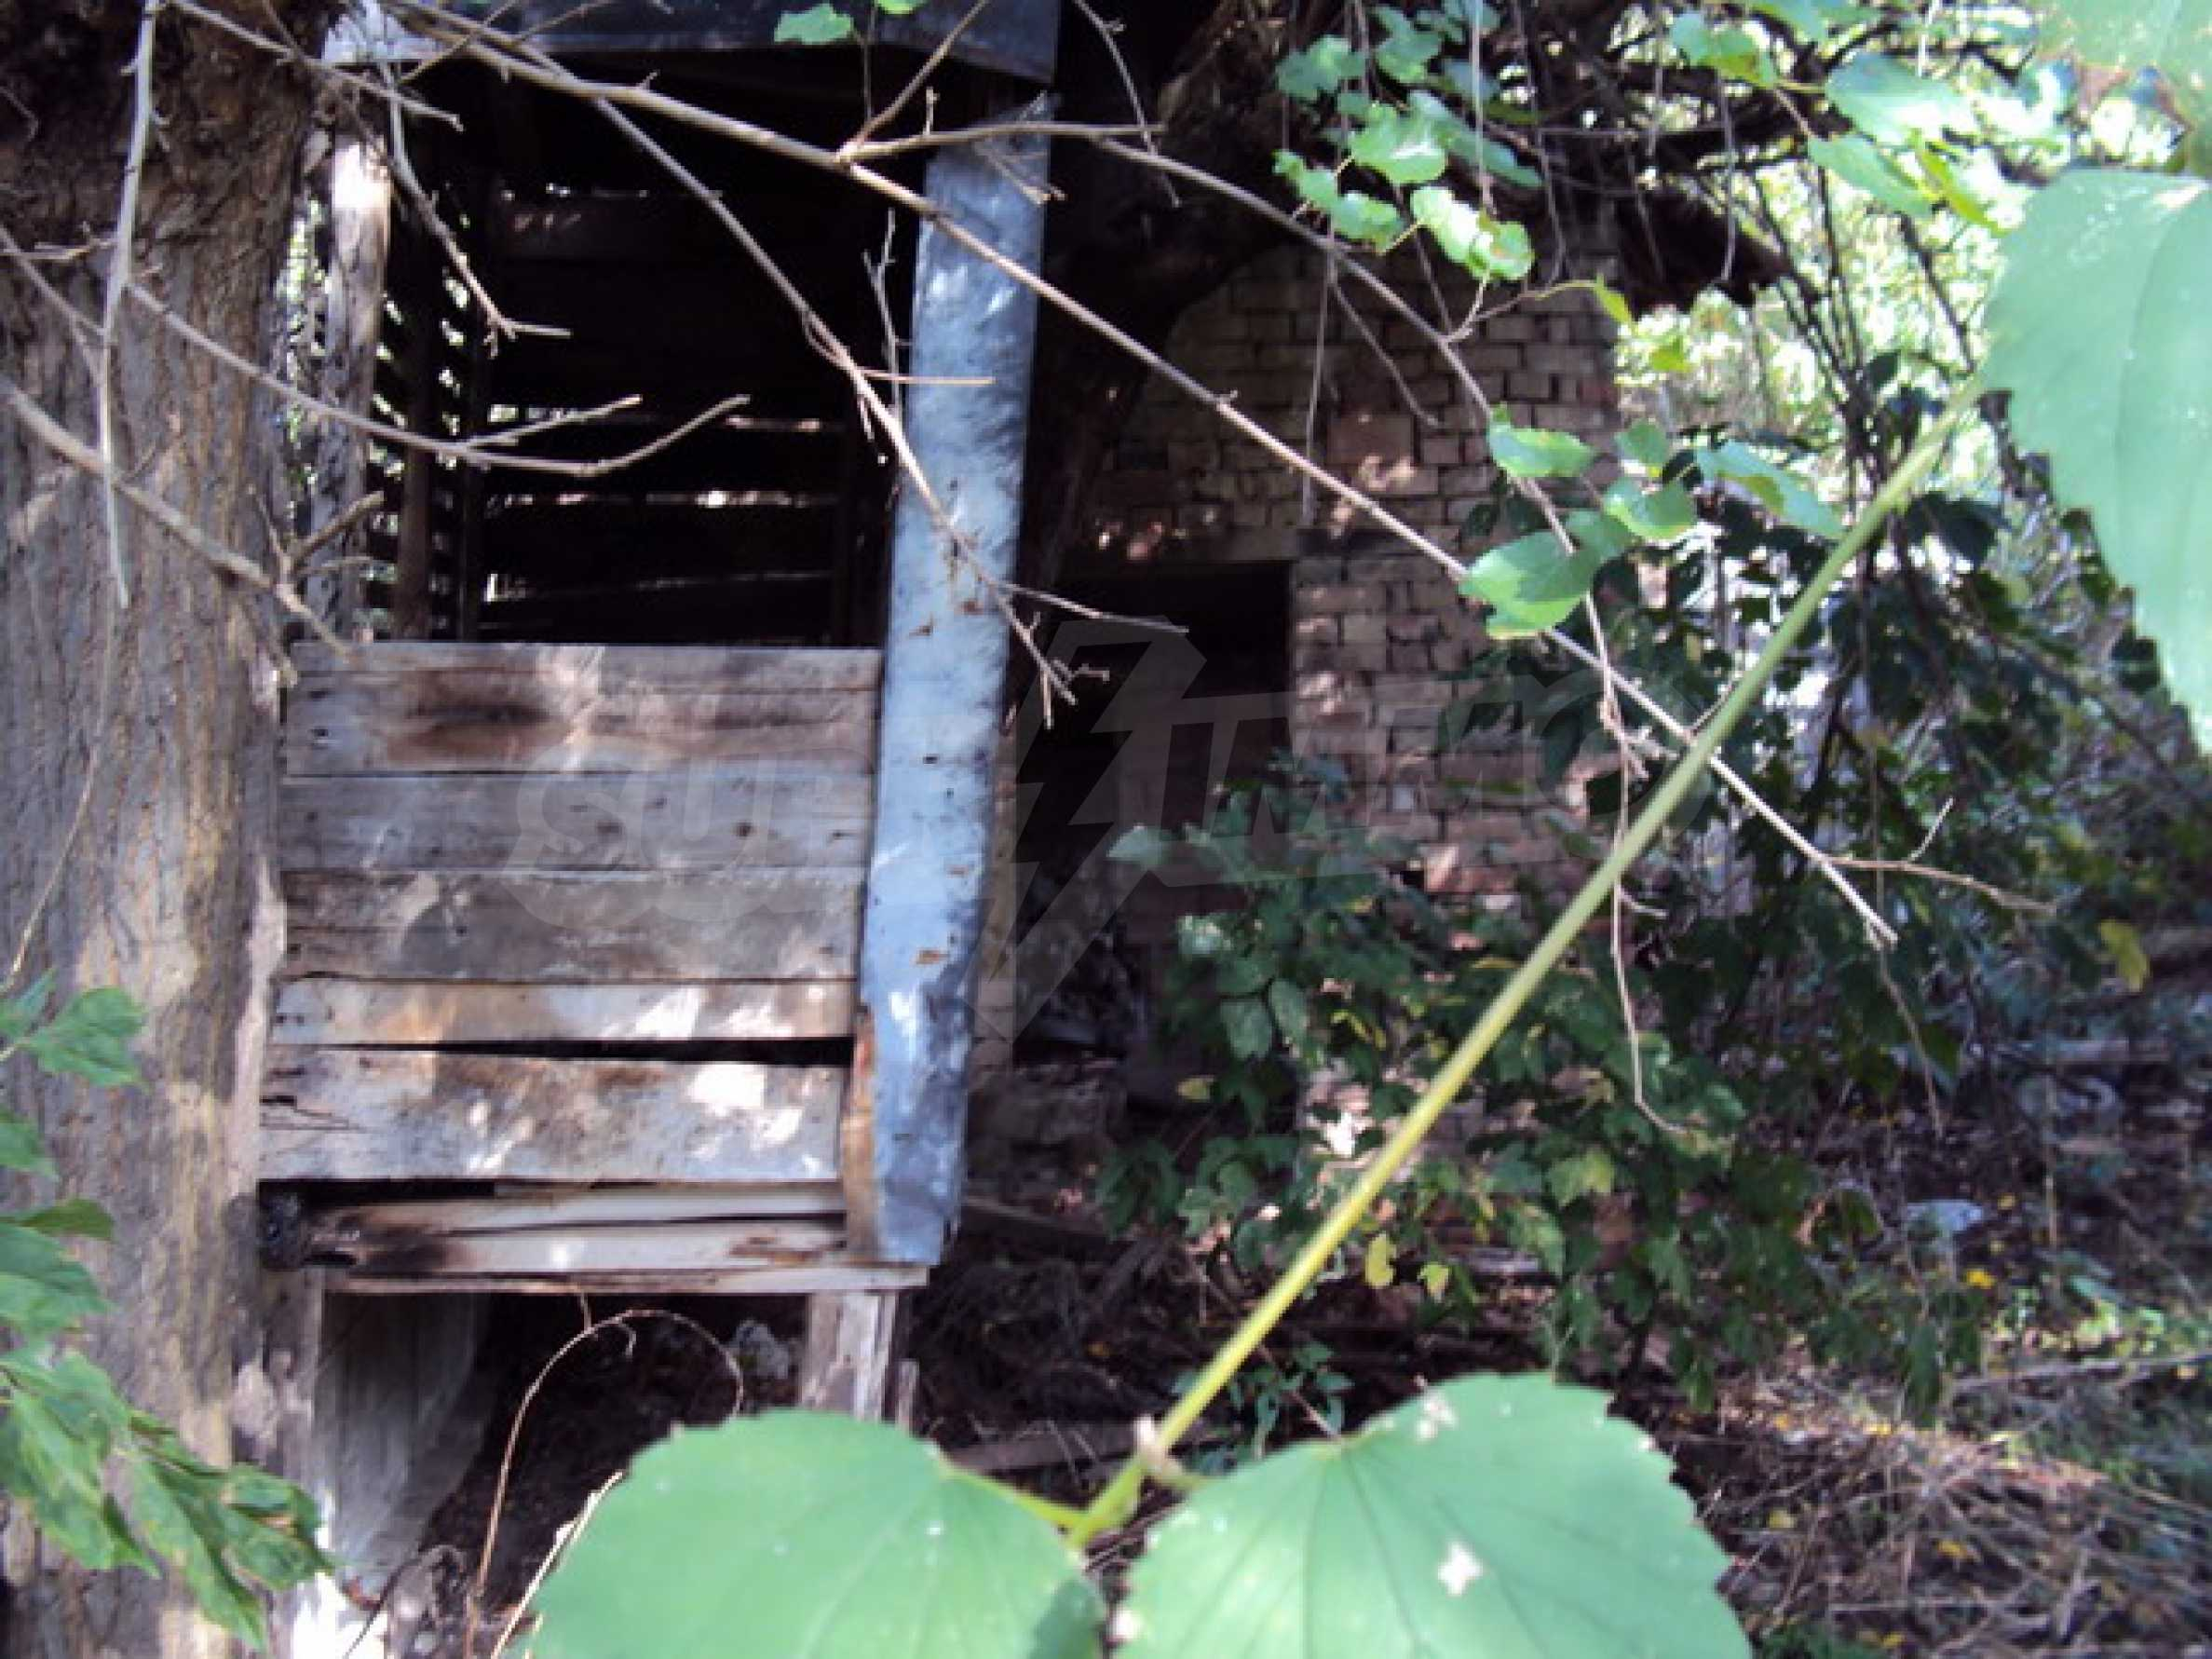 Къща за продажба до Велико Търново 2